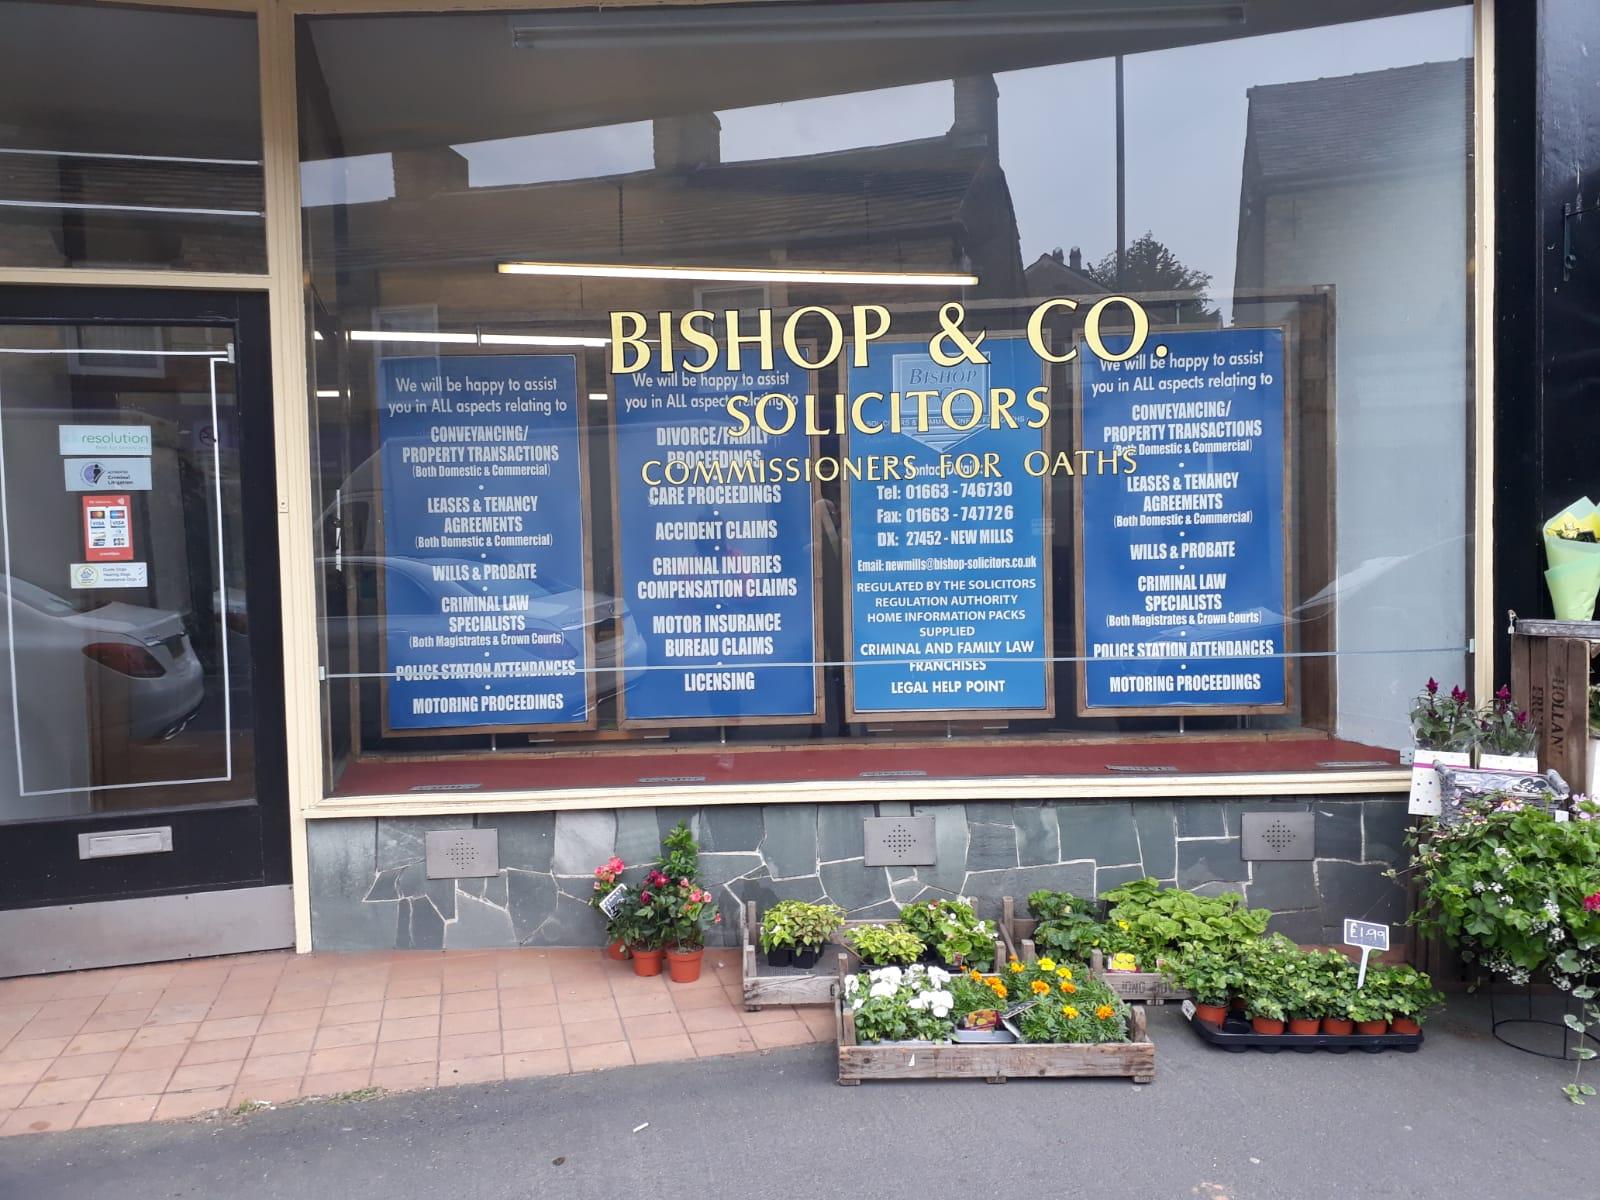 27. Bishop & Co.